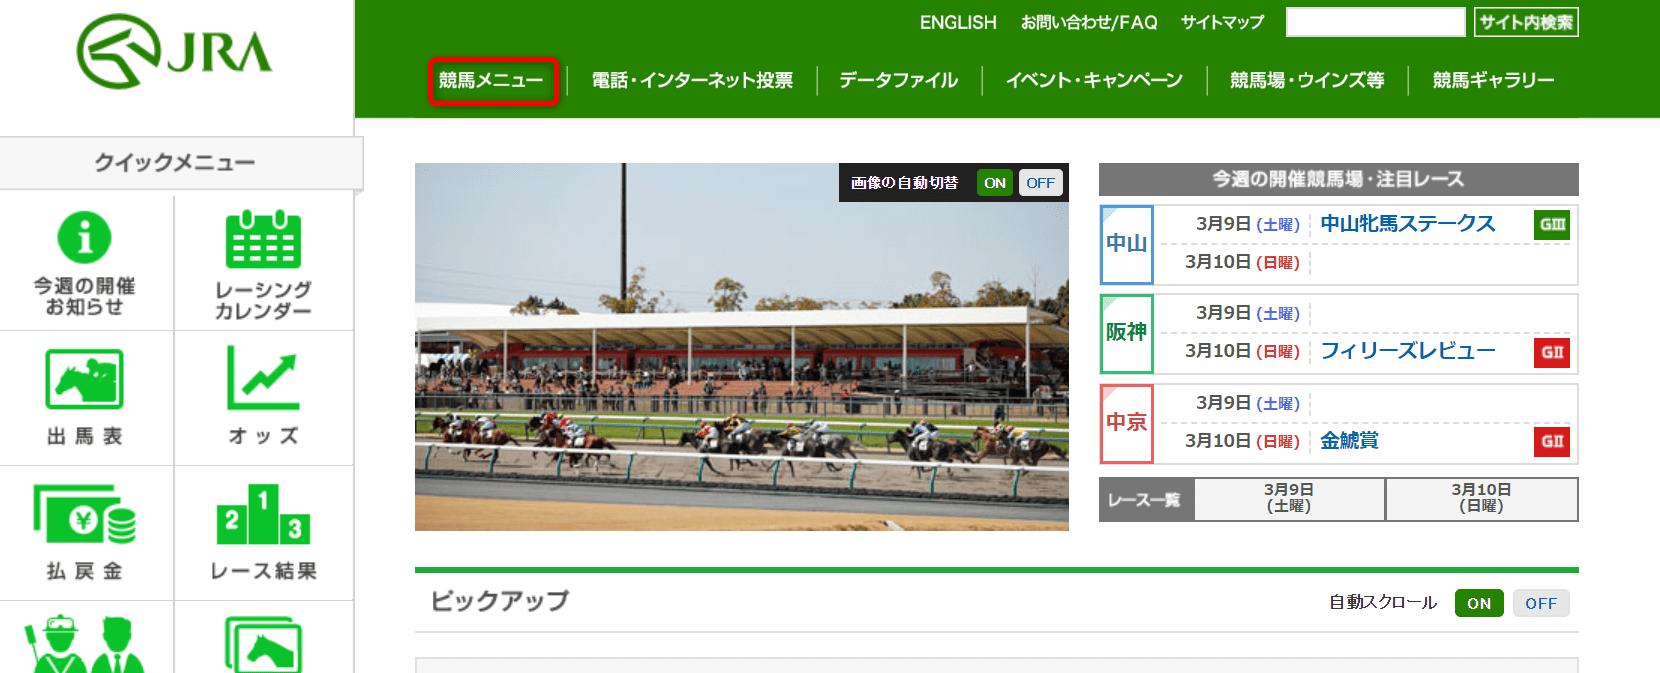 競馬メニュー レース結果